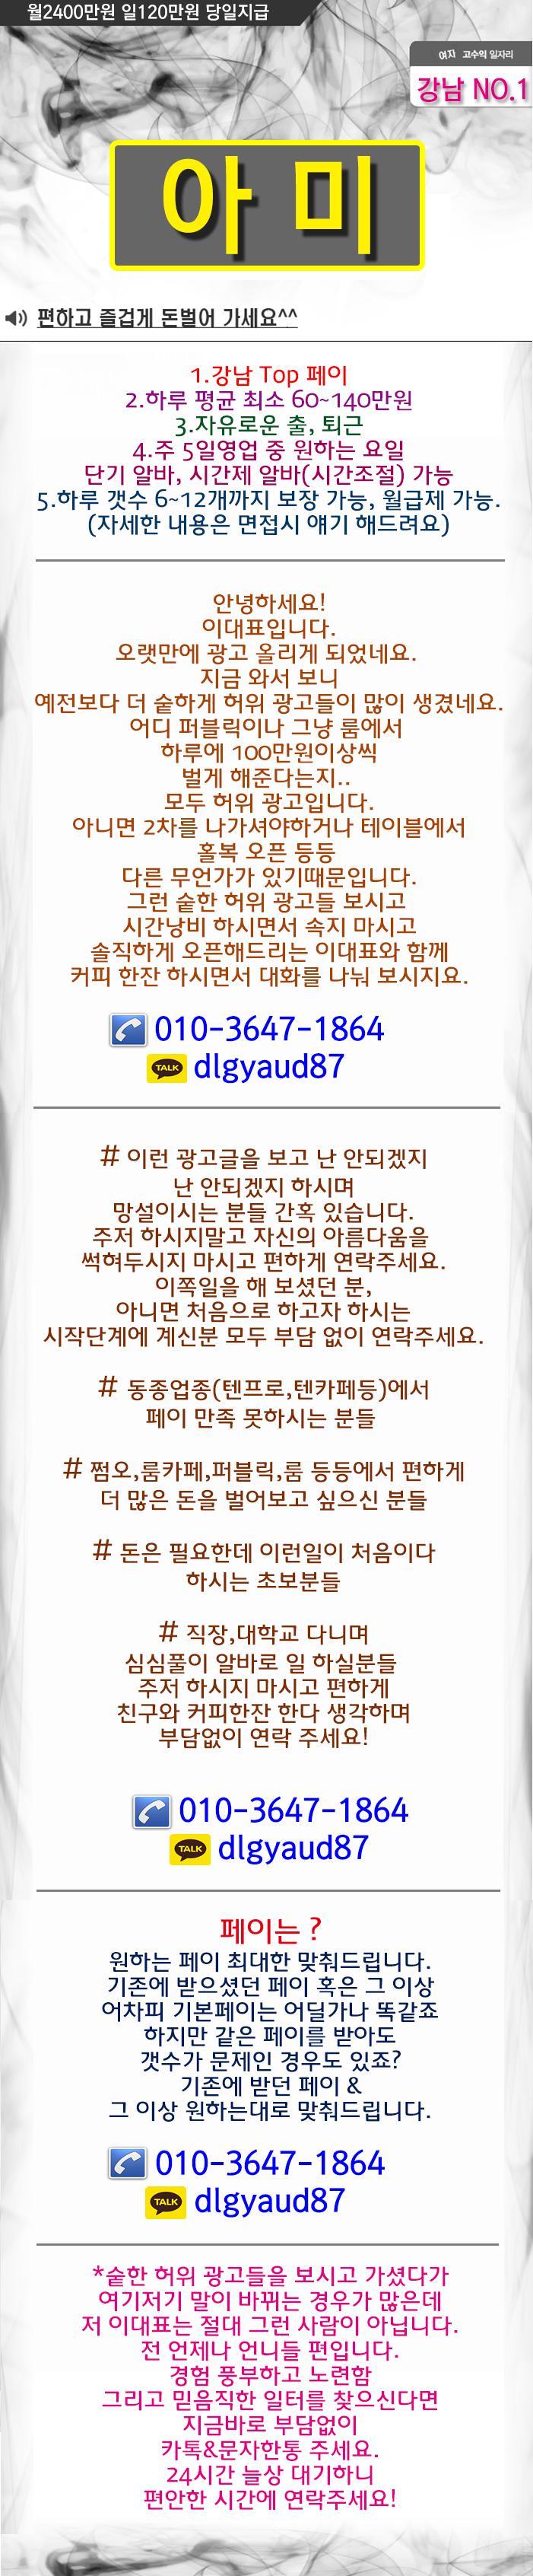 미미알바 서울강남 아미 소개글